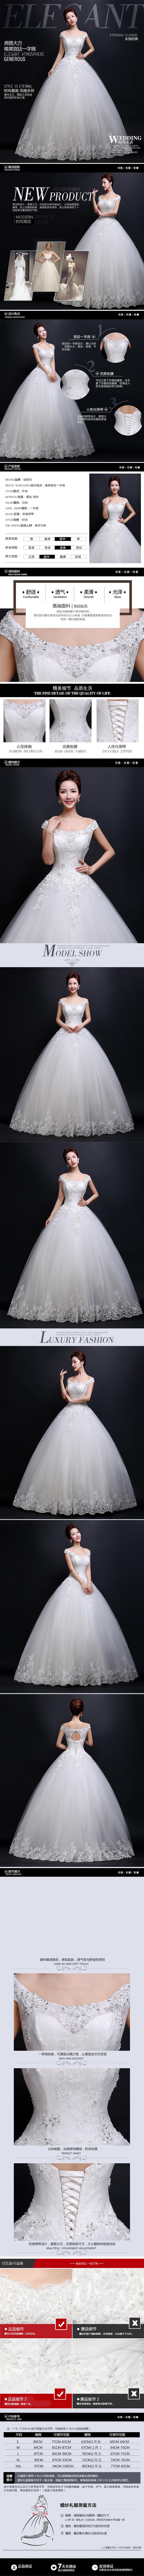 婚纱 礼服 详情页设计图0